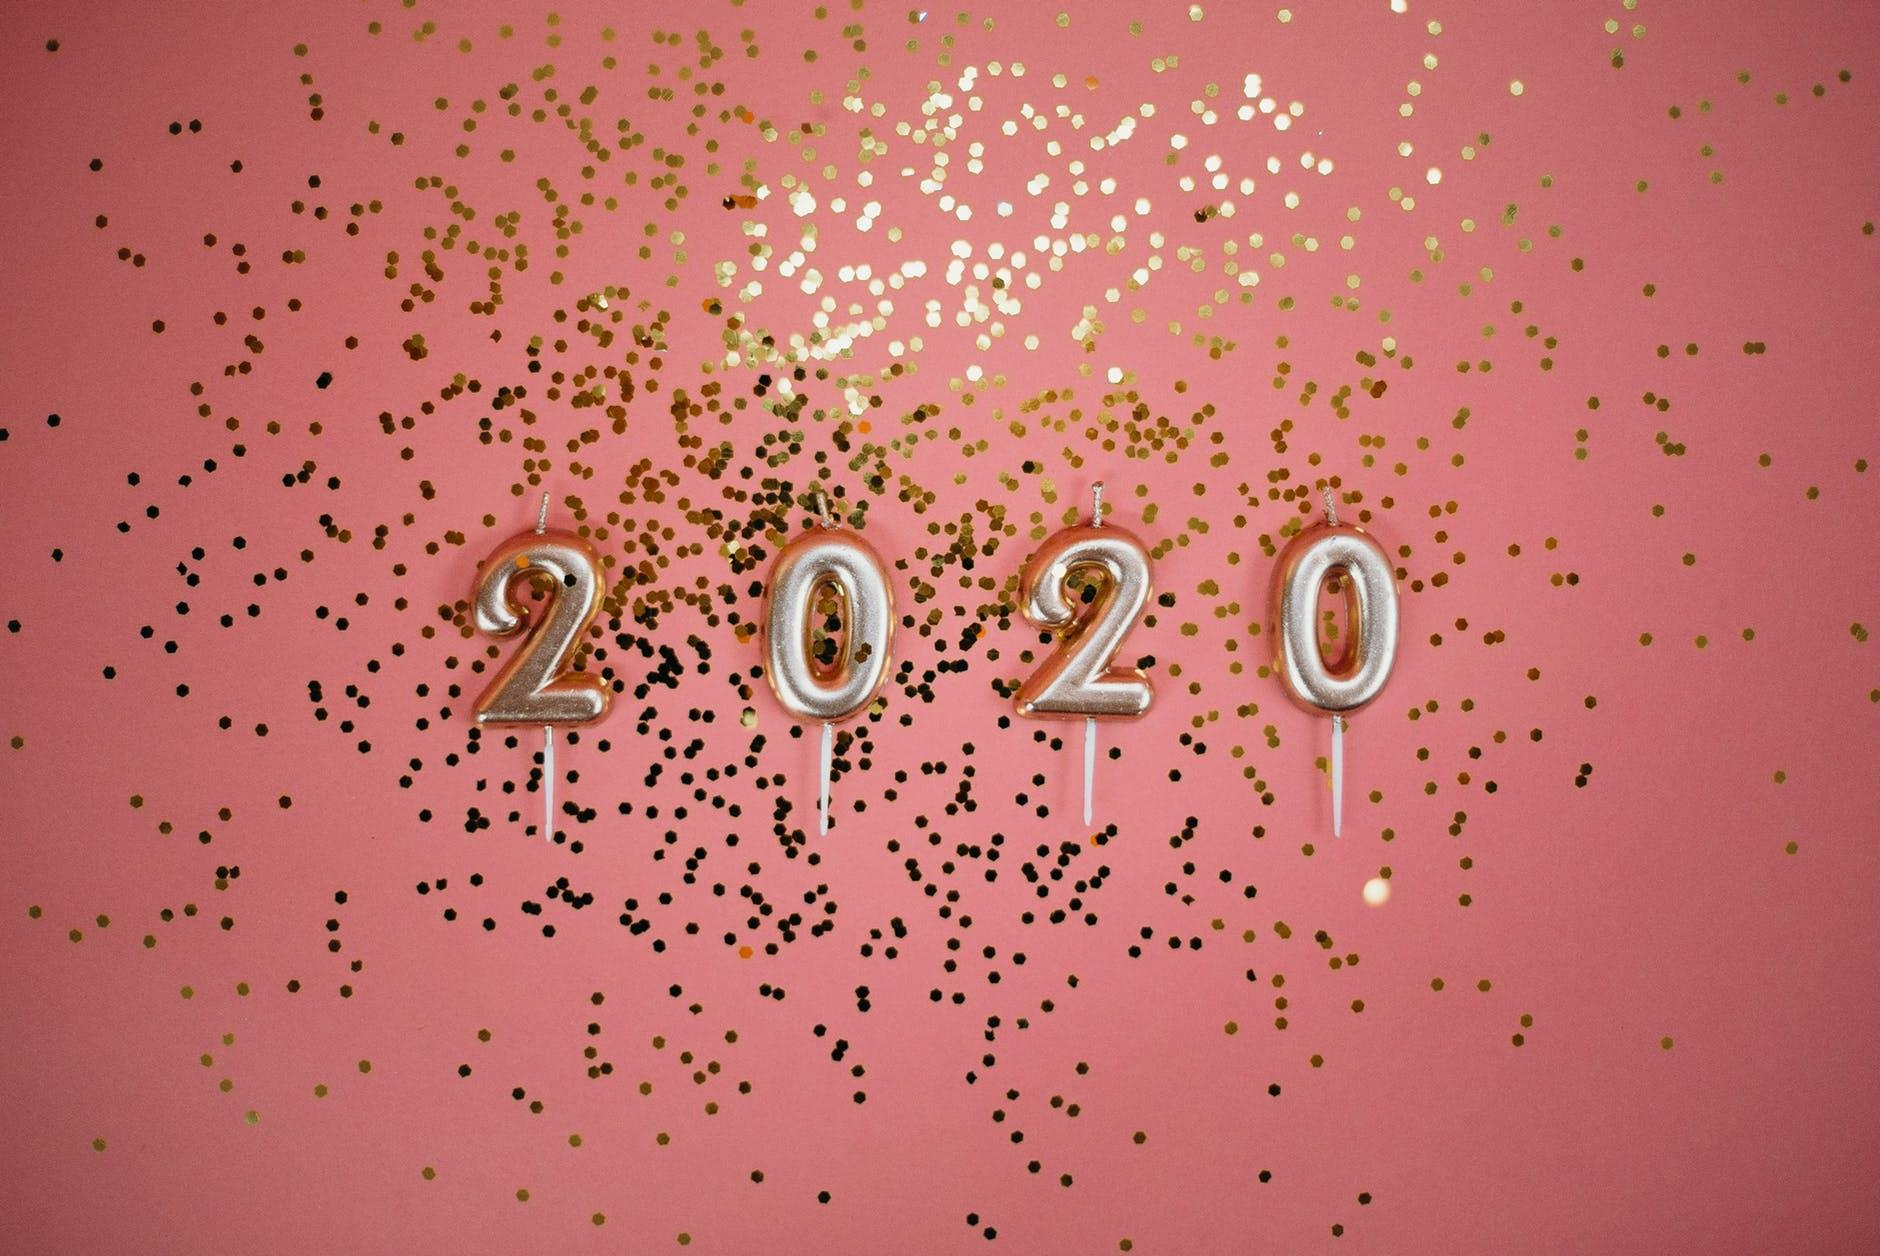 Horoscope for Wednesday, January 1st, 2020